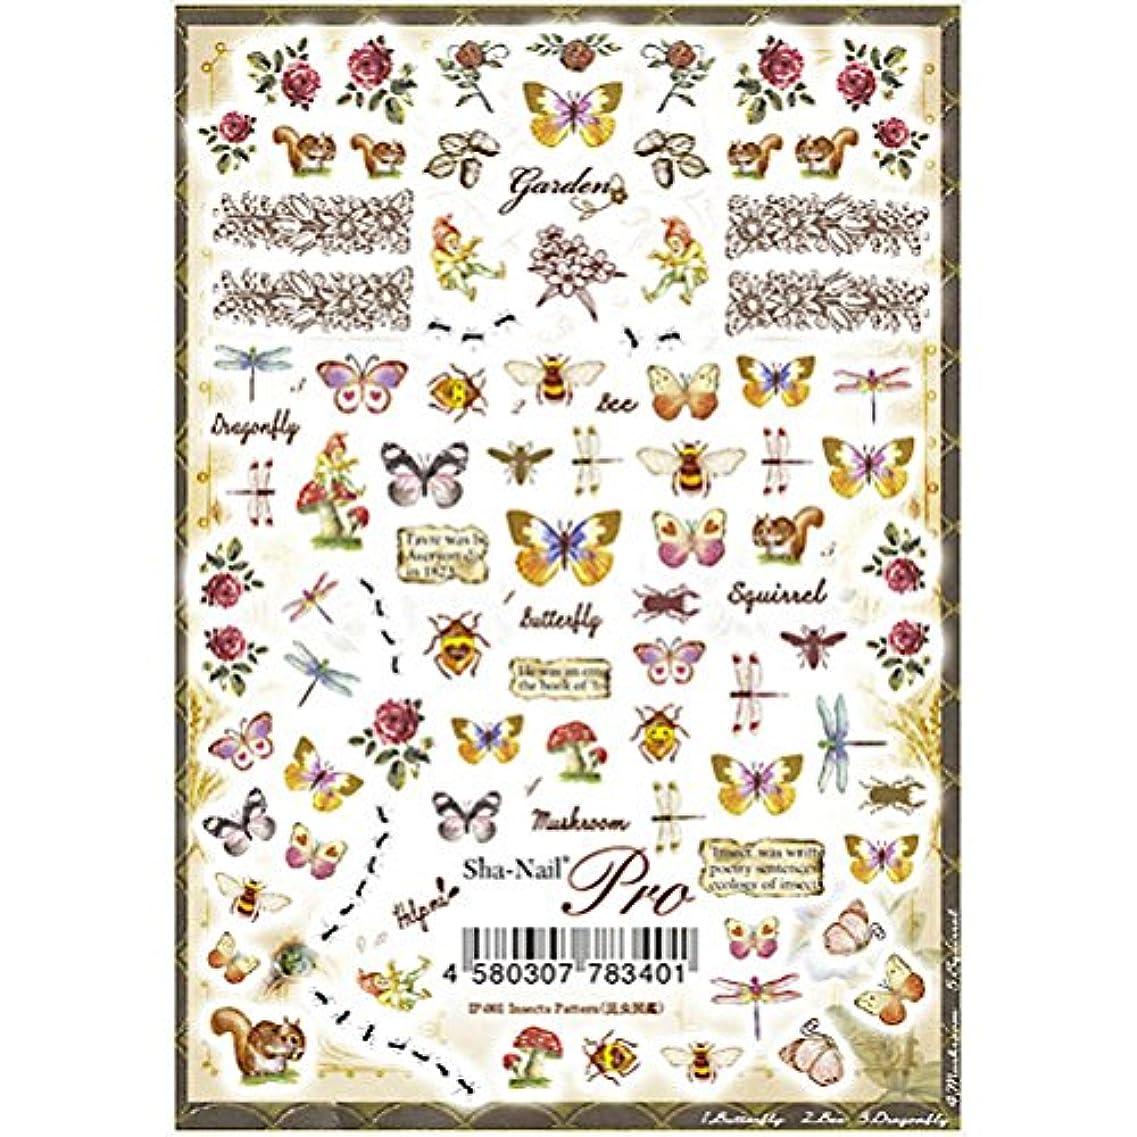 本質的にチューブドライバSha-Nail Pro 昆虫図鑑  アート材